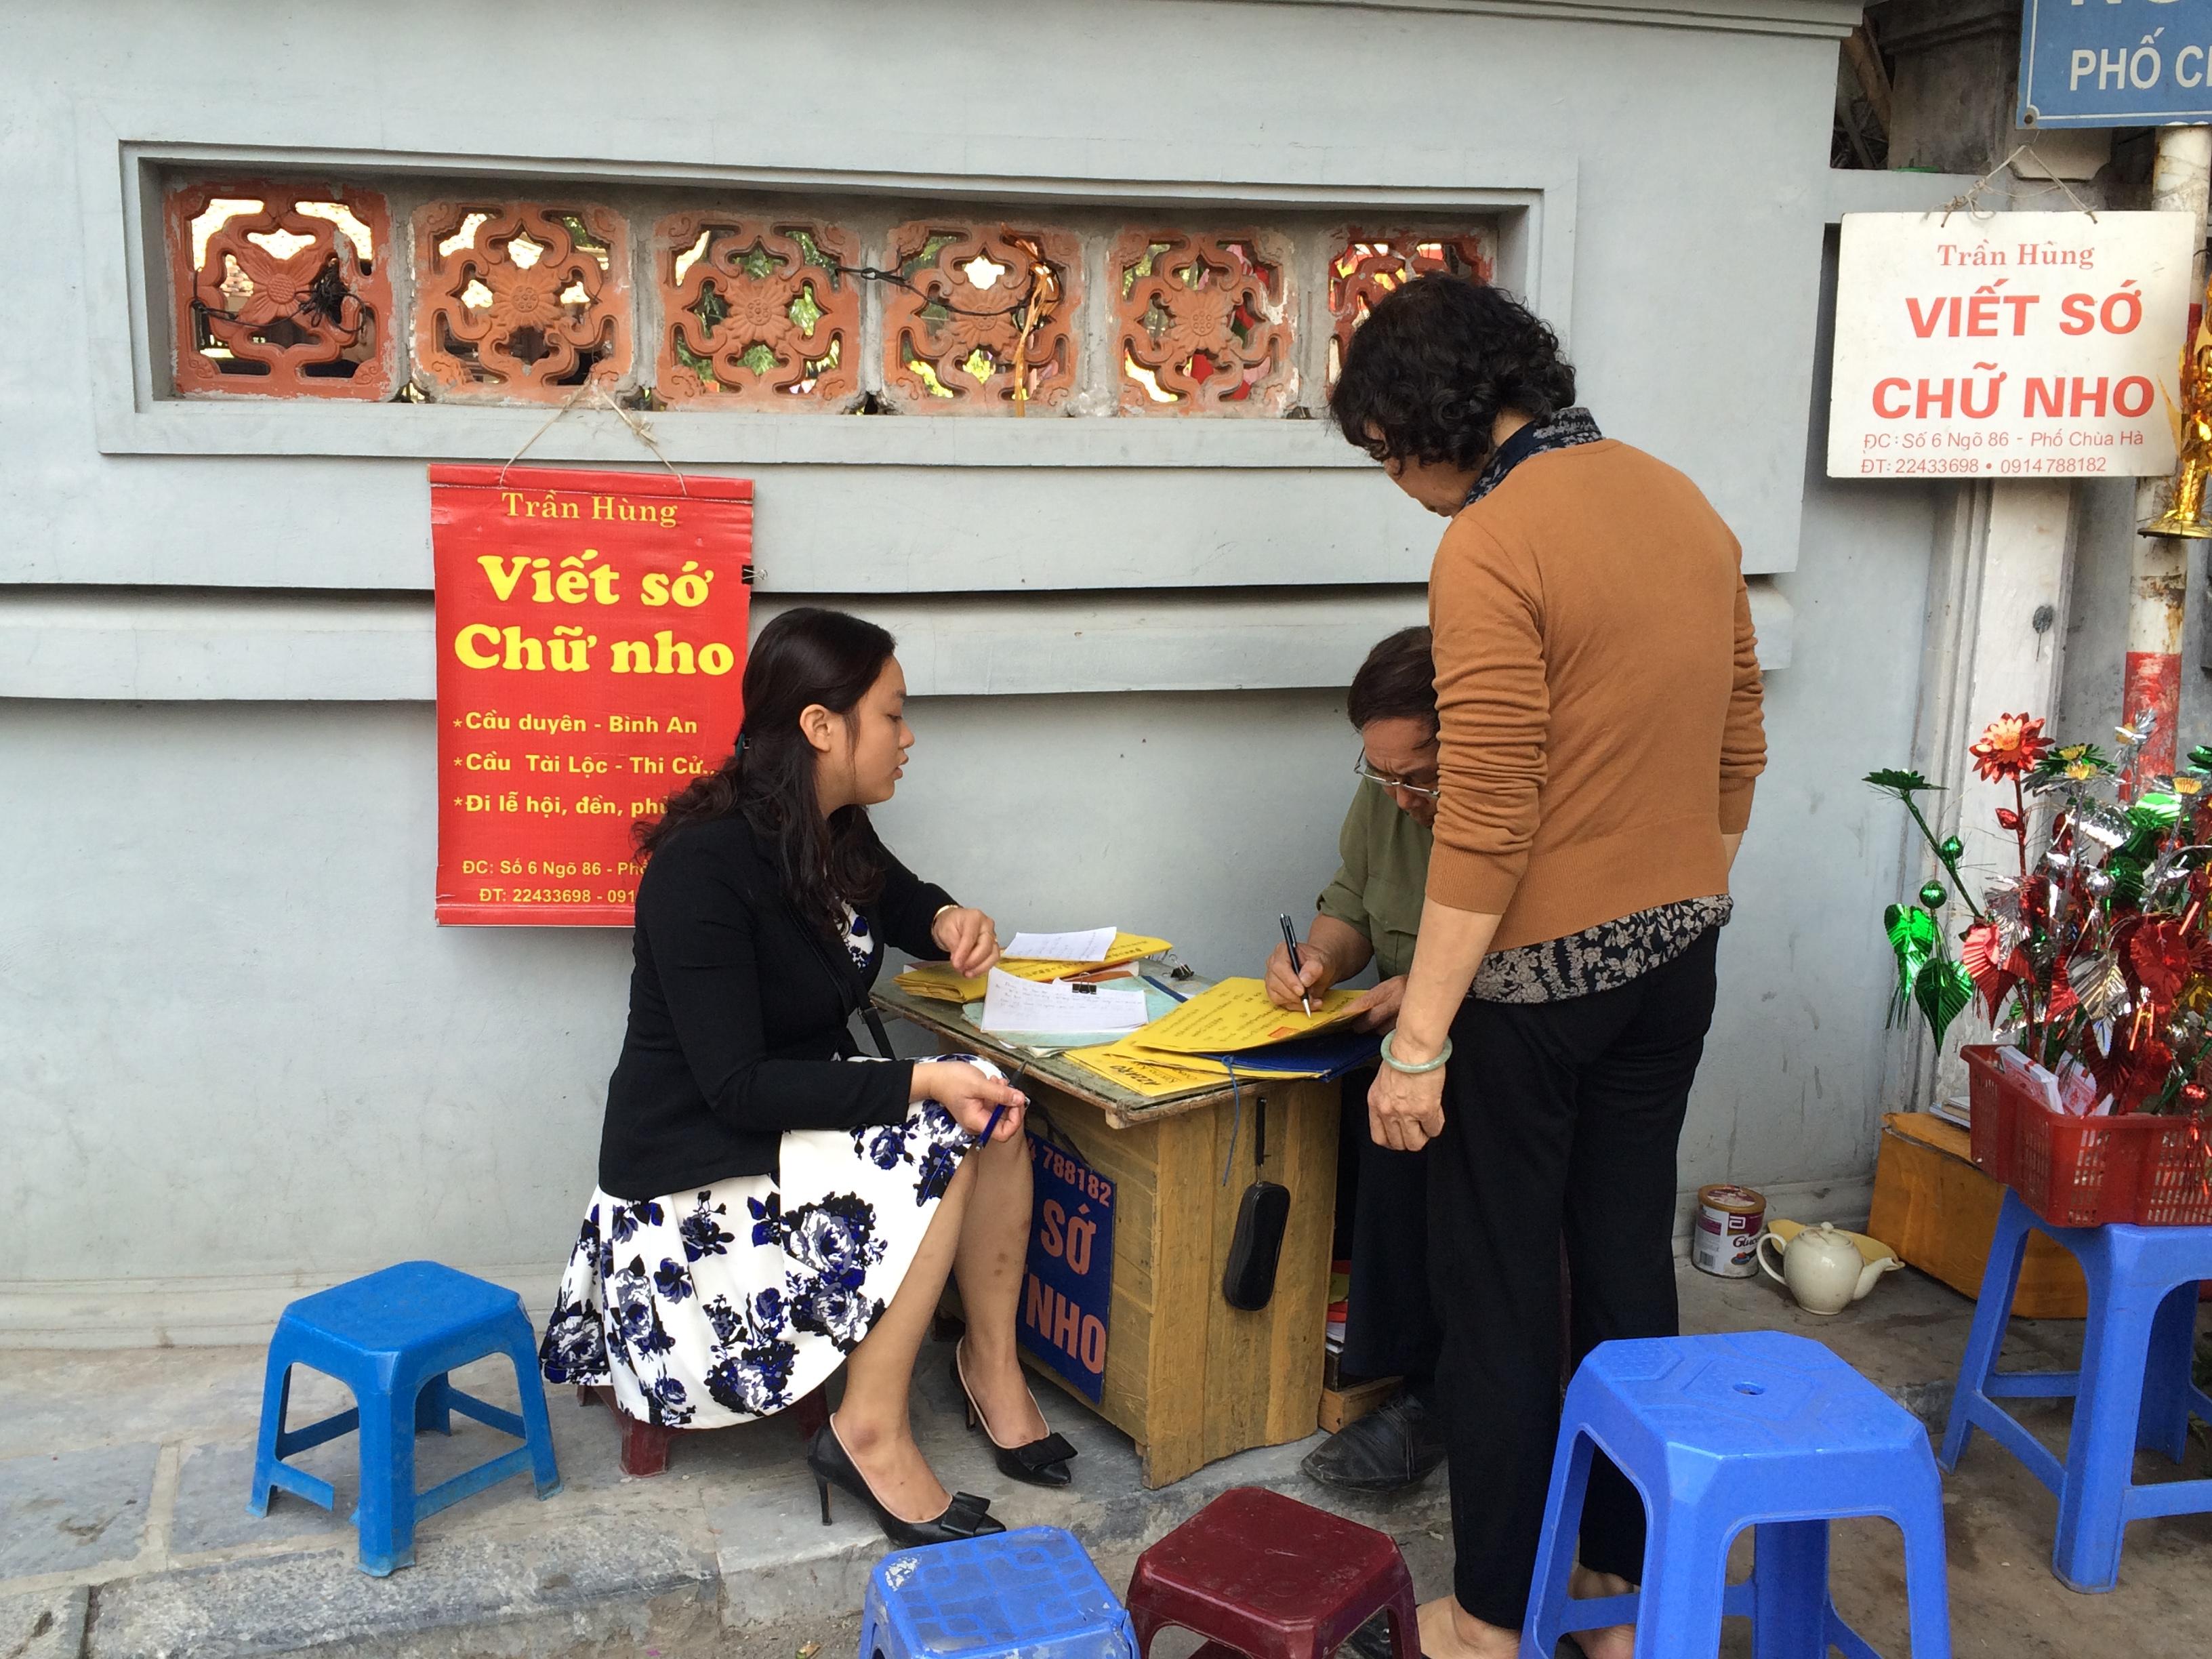 Bạn có thể viết sớ ở ngay cổng chùa Hà1